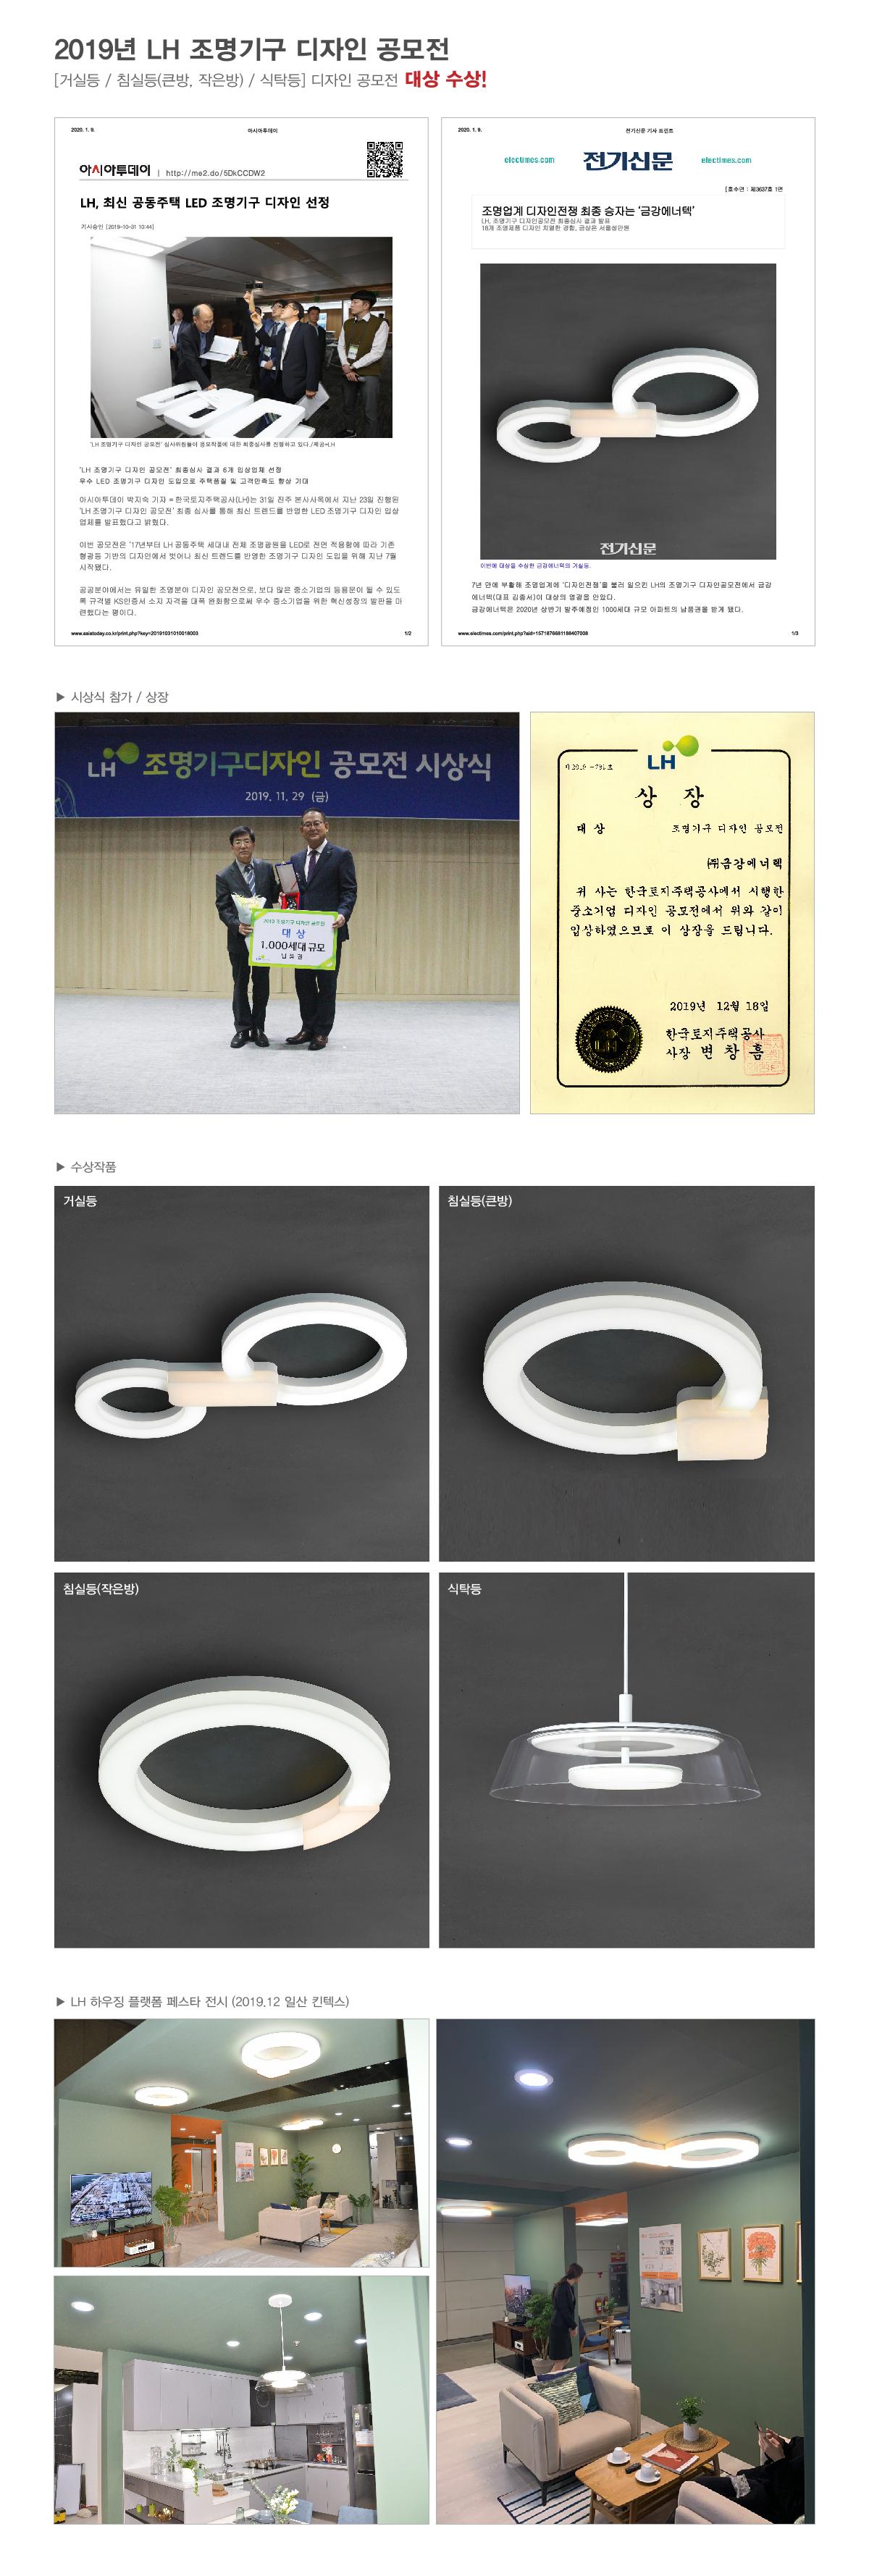 200107-2019년 LH 조명기구 디자인 공모전 대상 수상-01.jpg